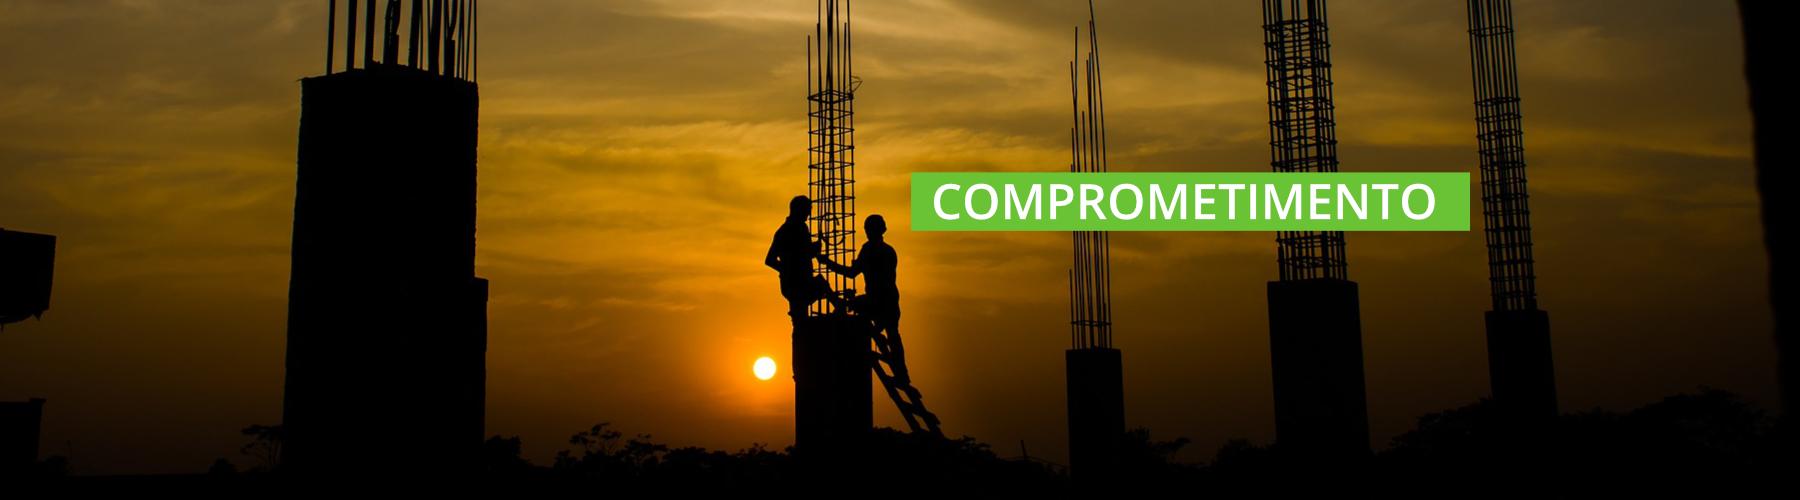 rome-construtora-comprometimento